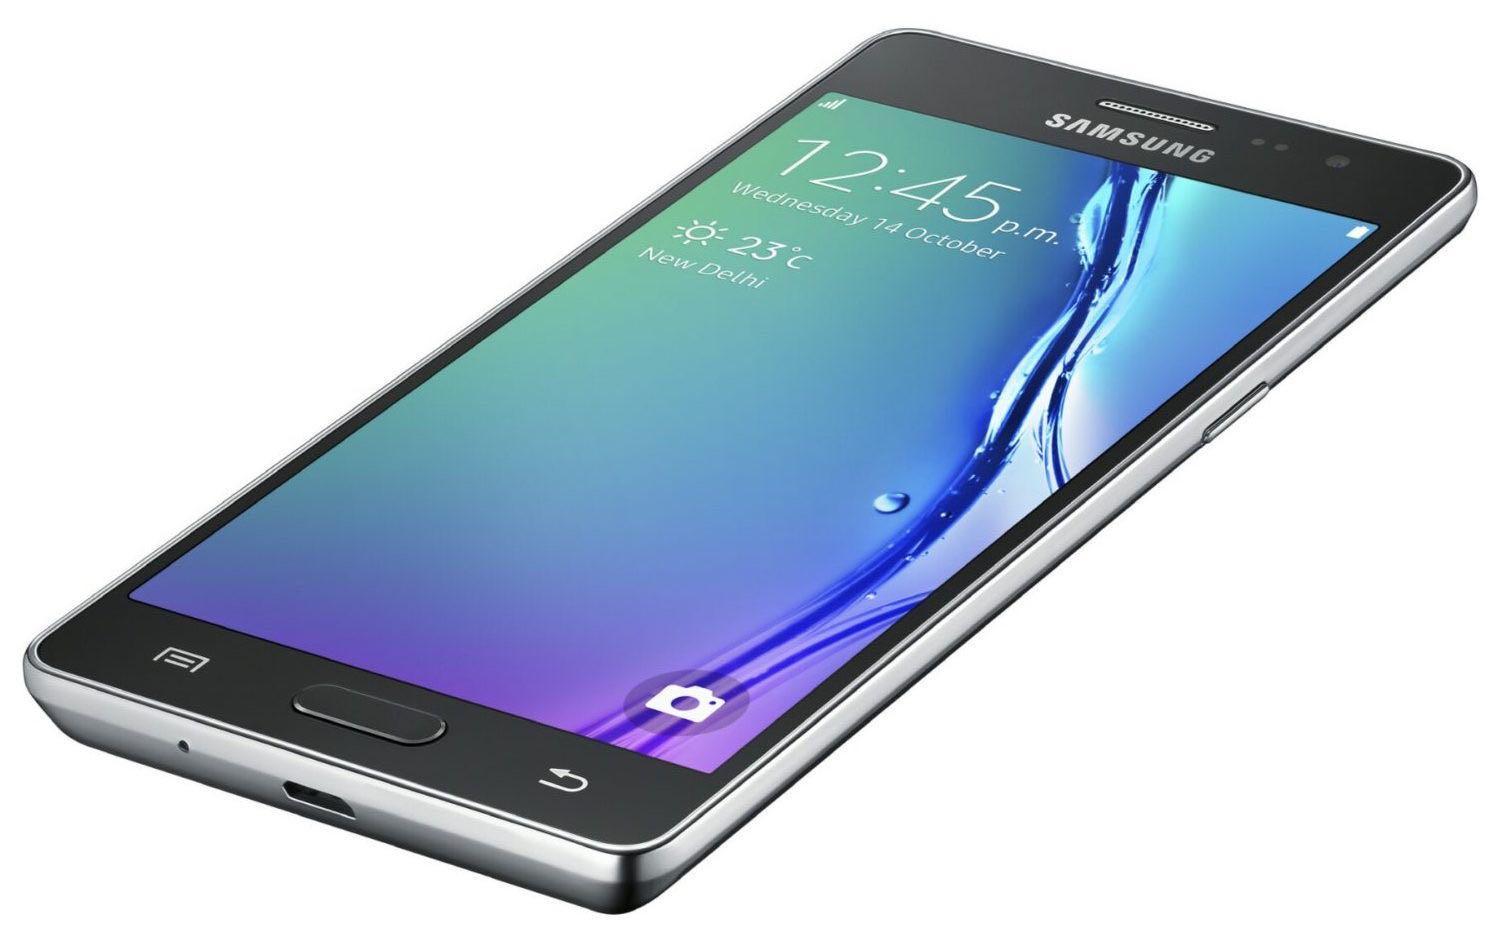 Samsung Z2 Tizen OS 1